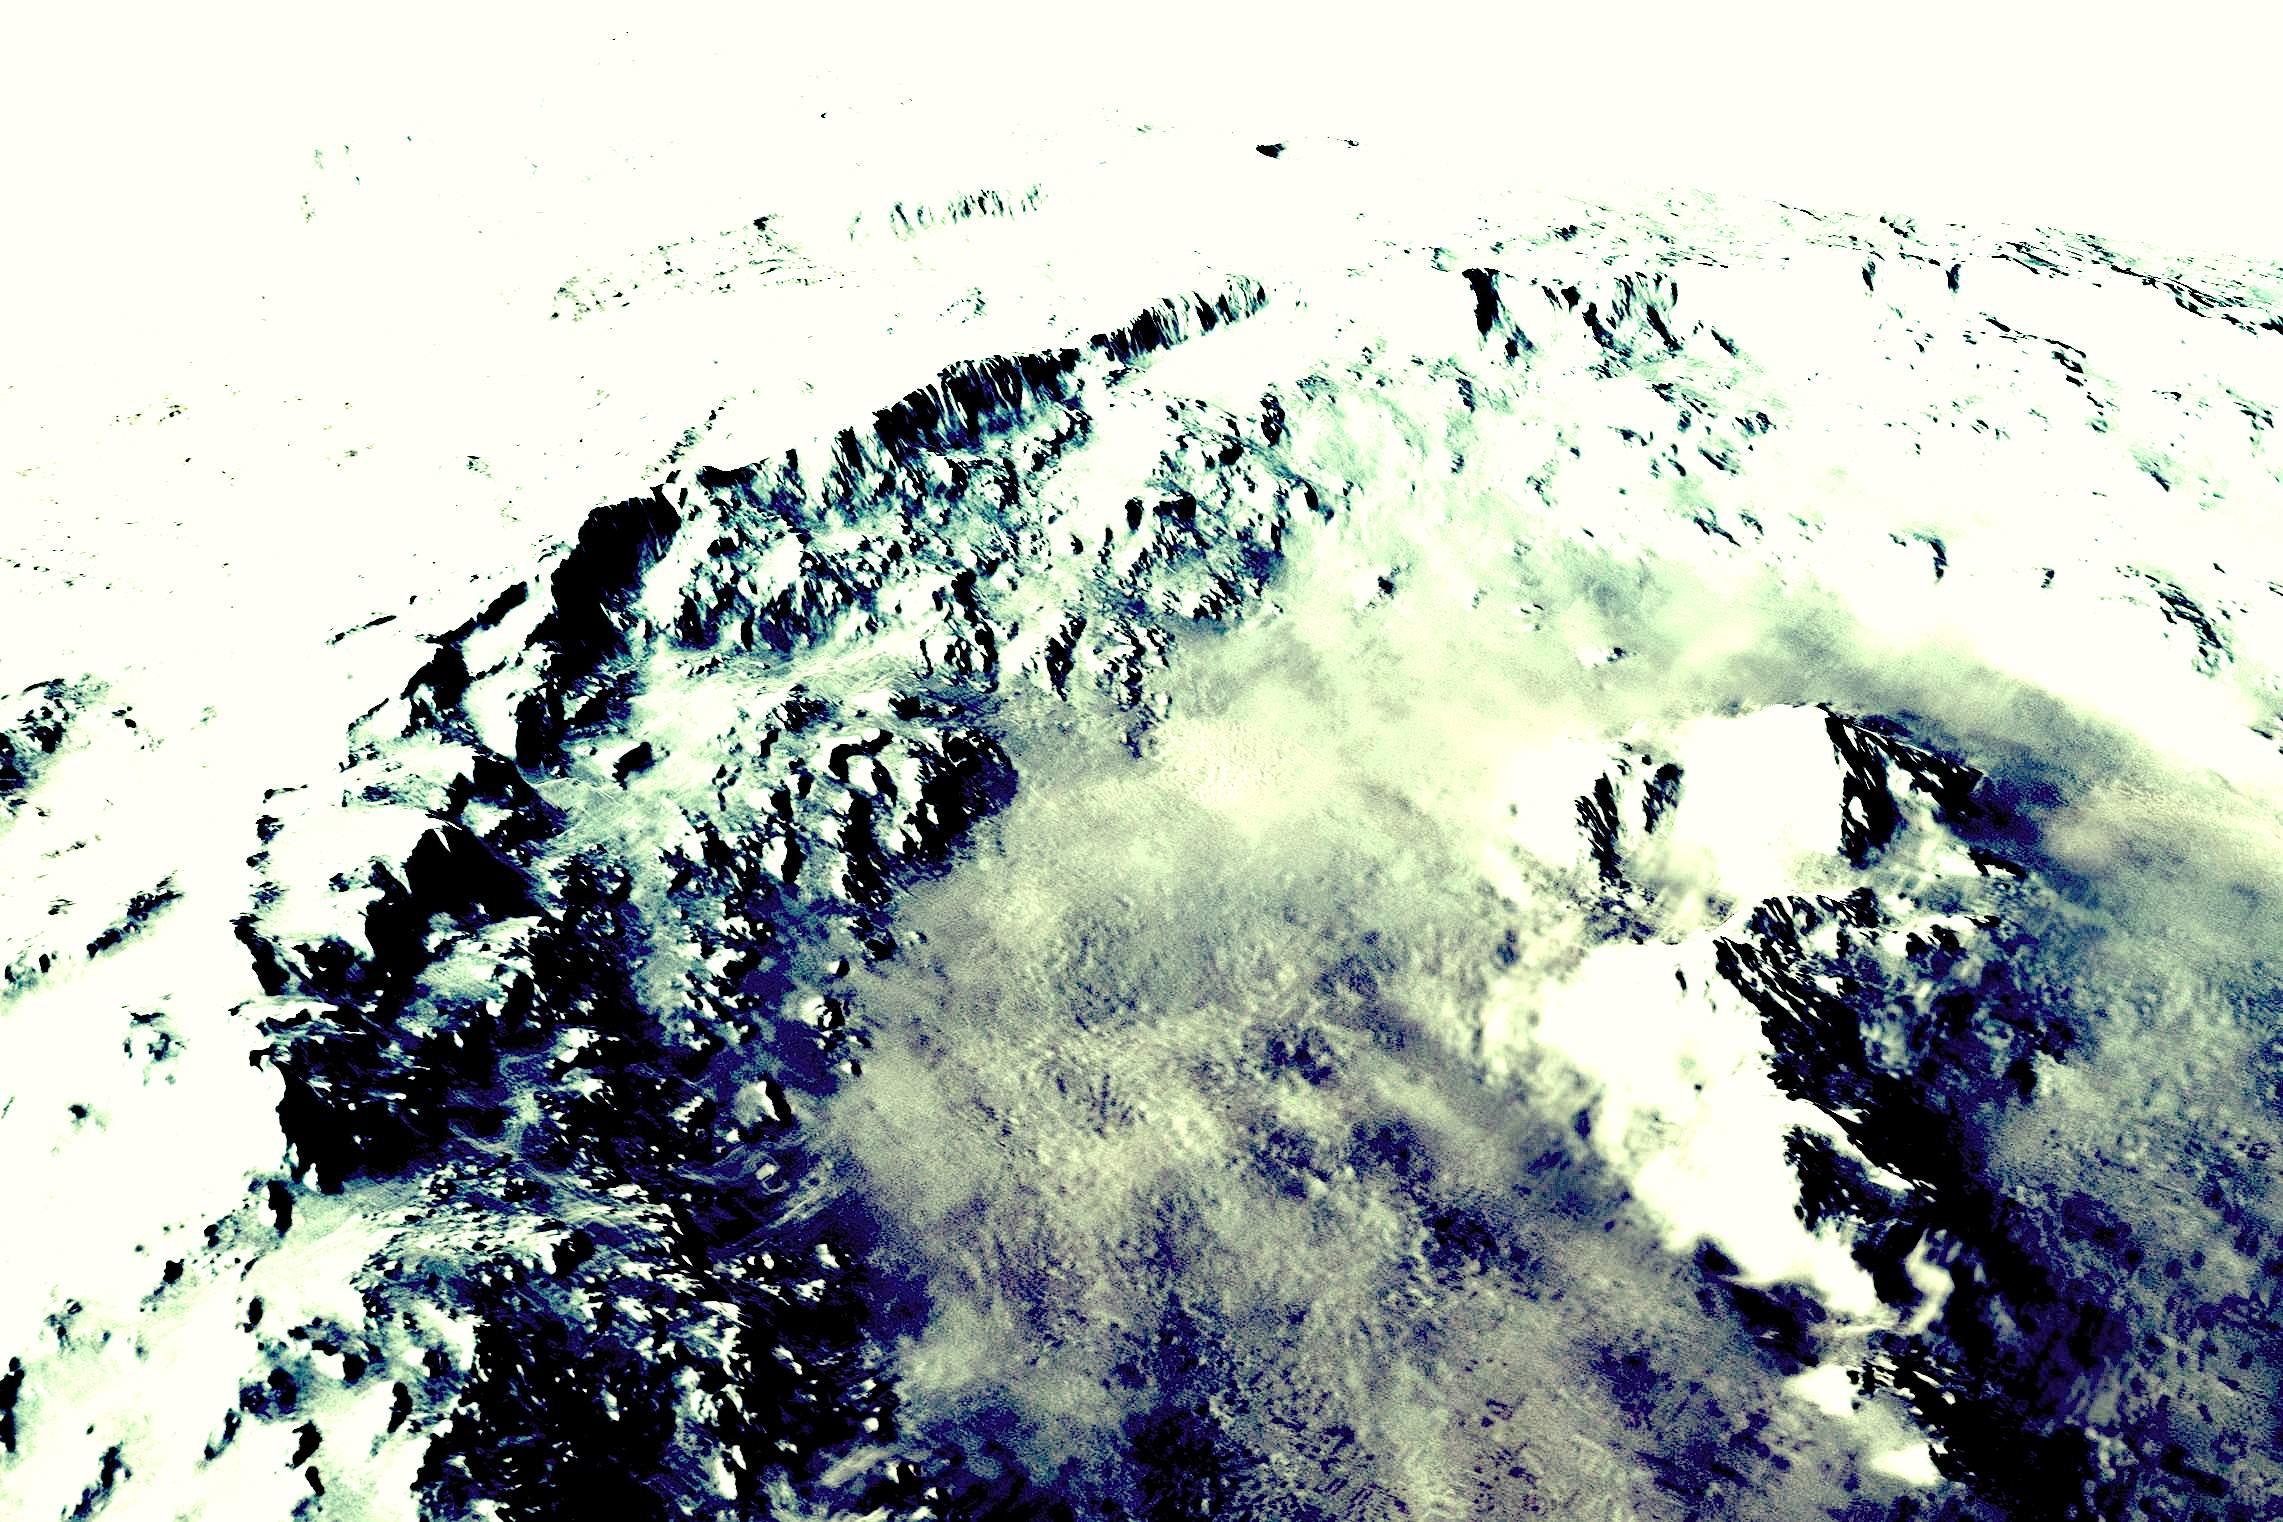 火星の「ヘールクレーターの謎」:無数の住居跡が存在か?_e0171614_14142283.jpg